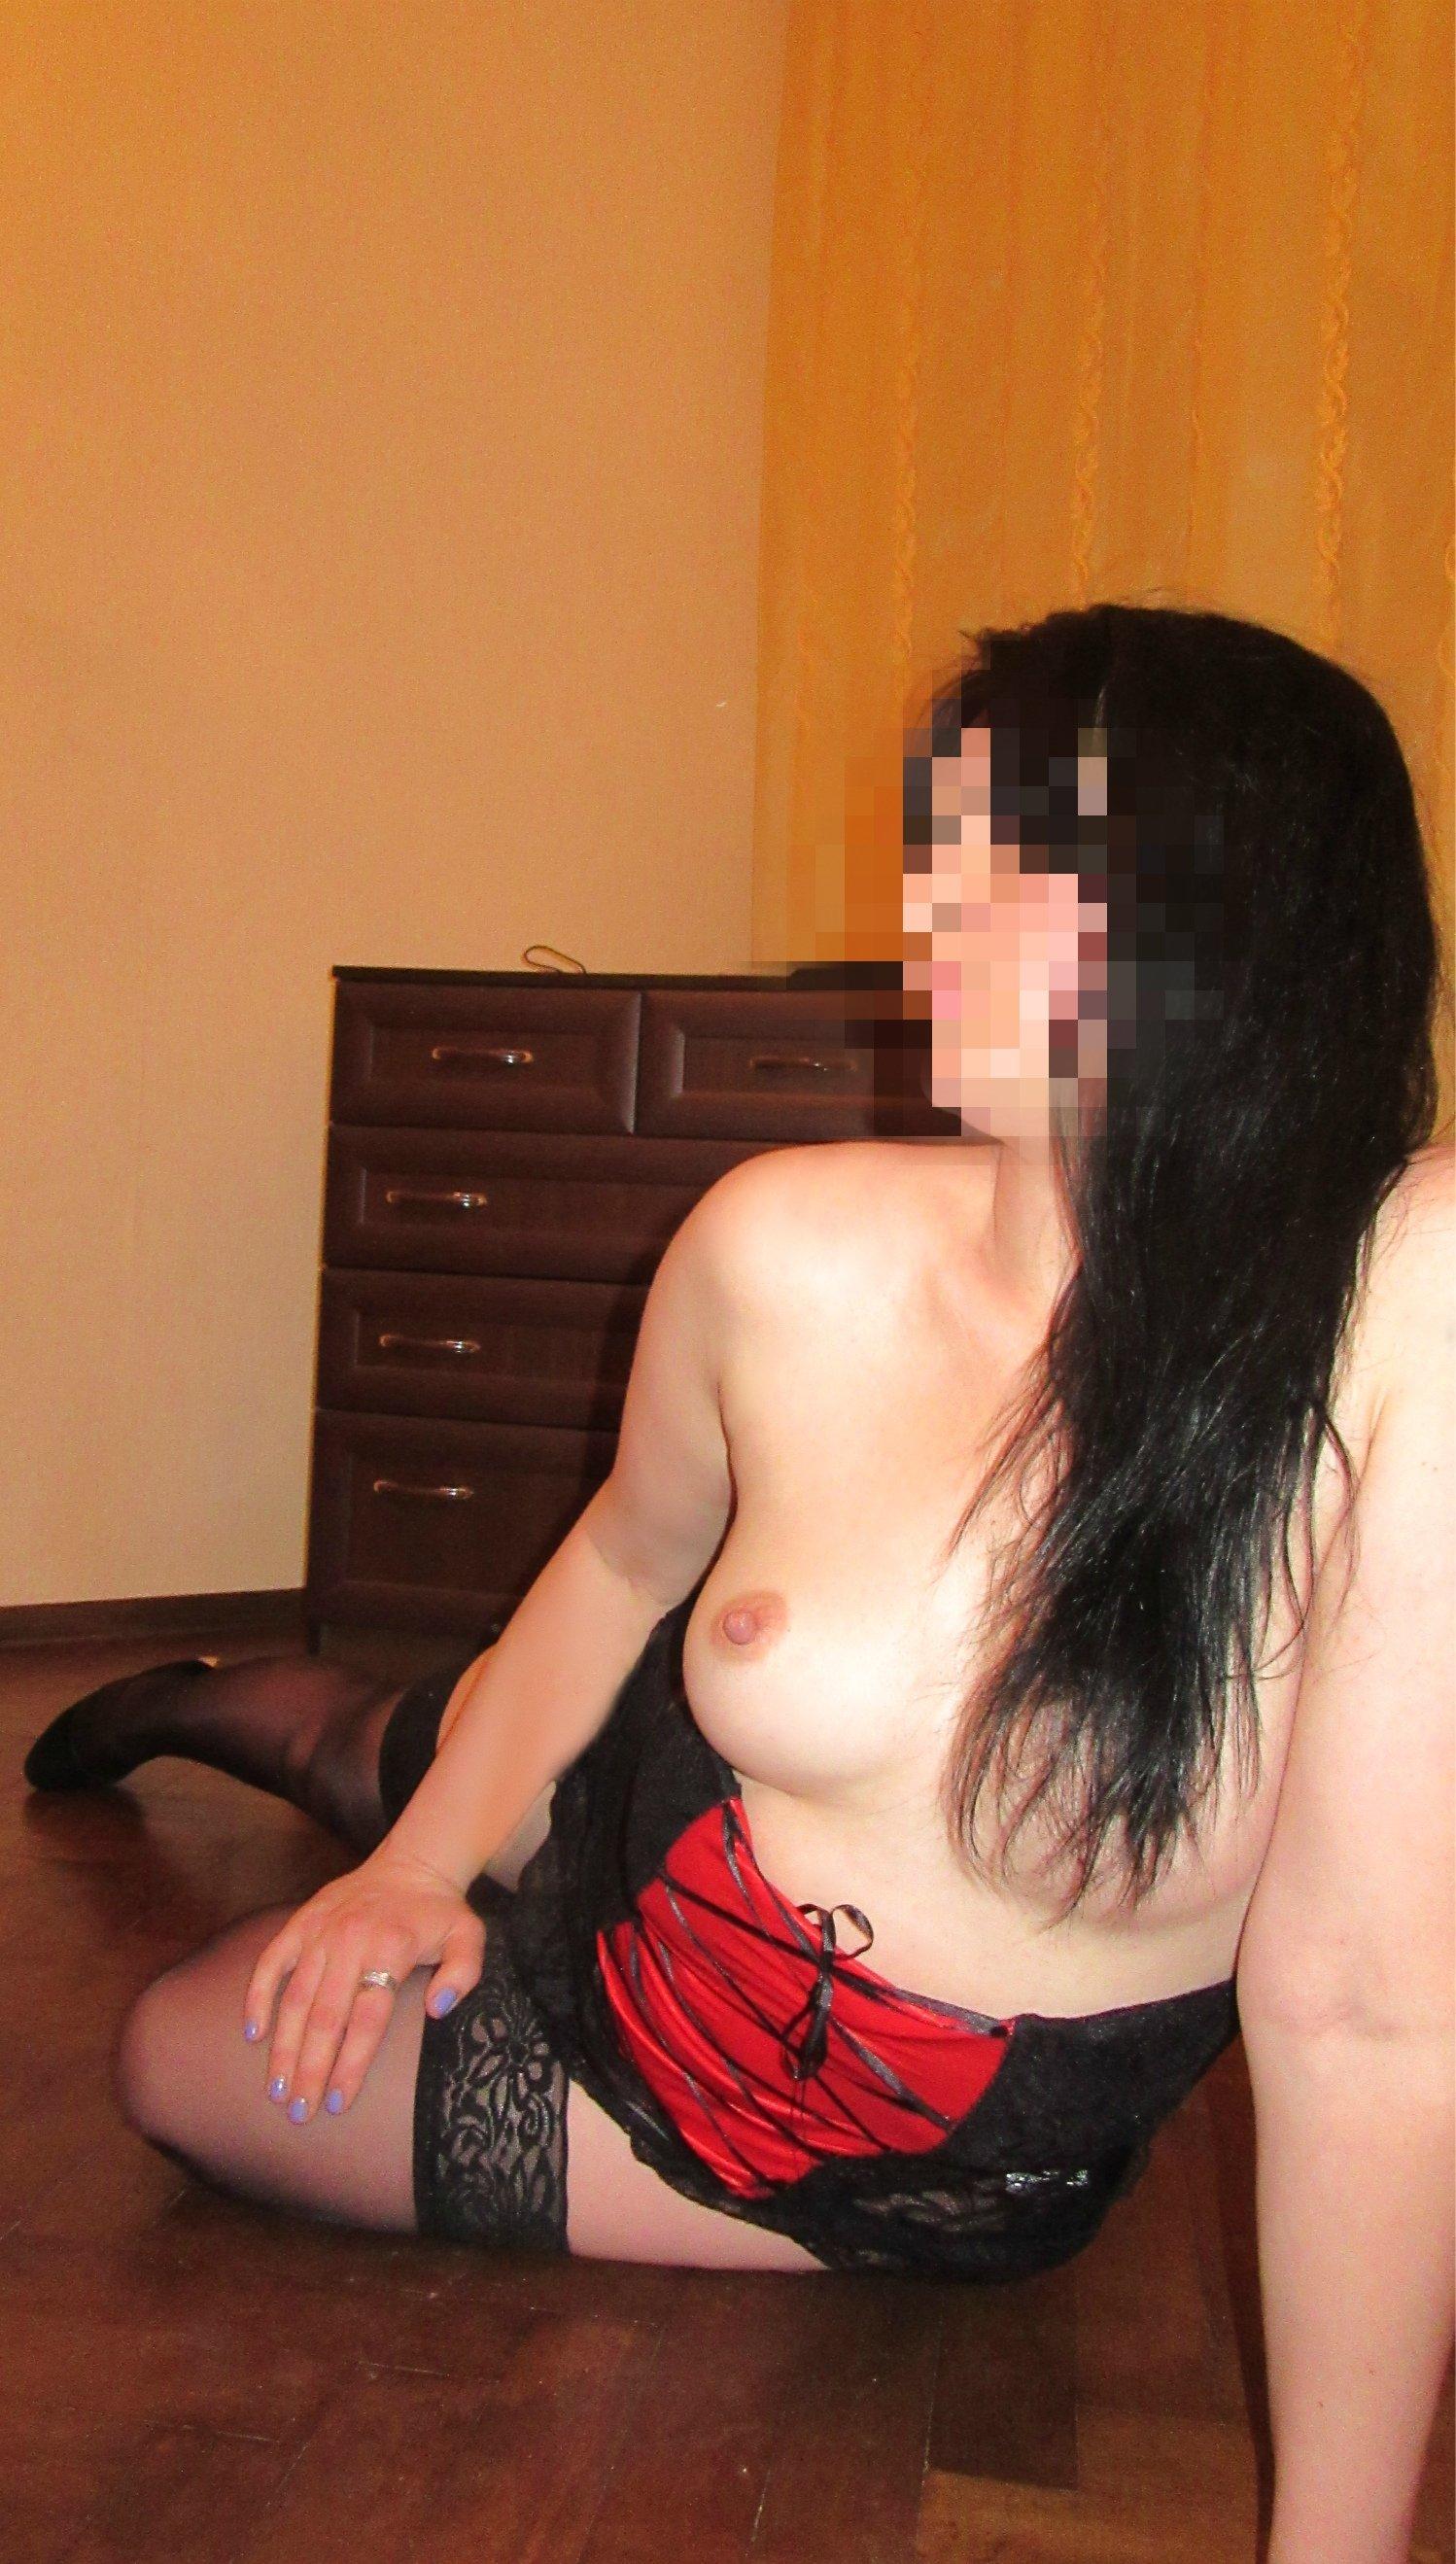 Винницы номера телефона проституток